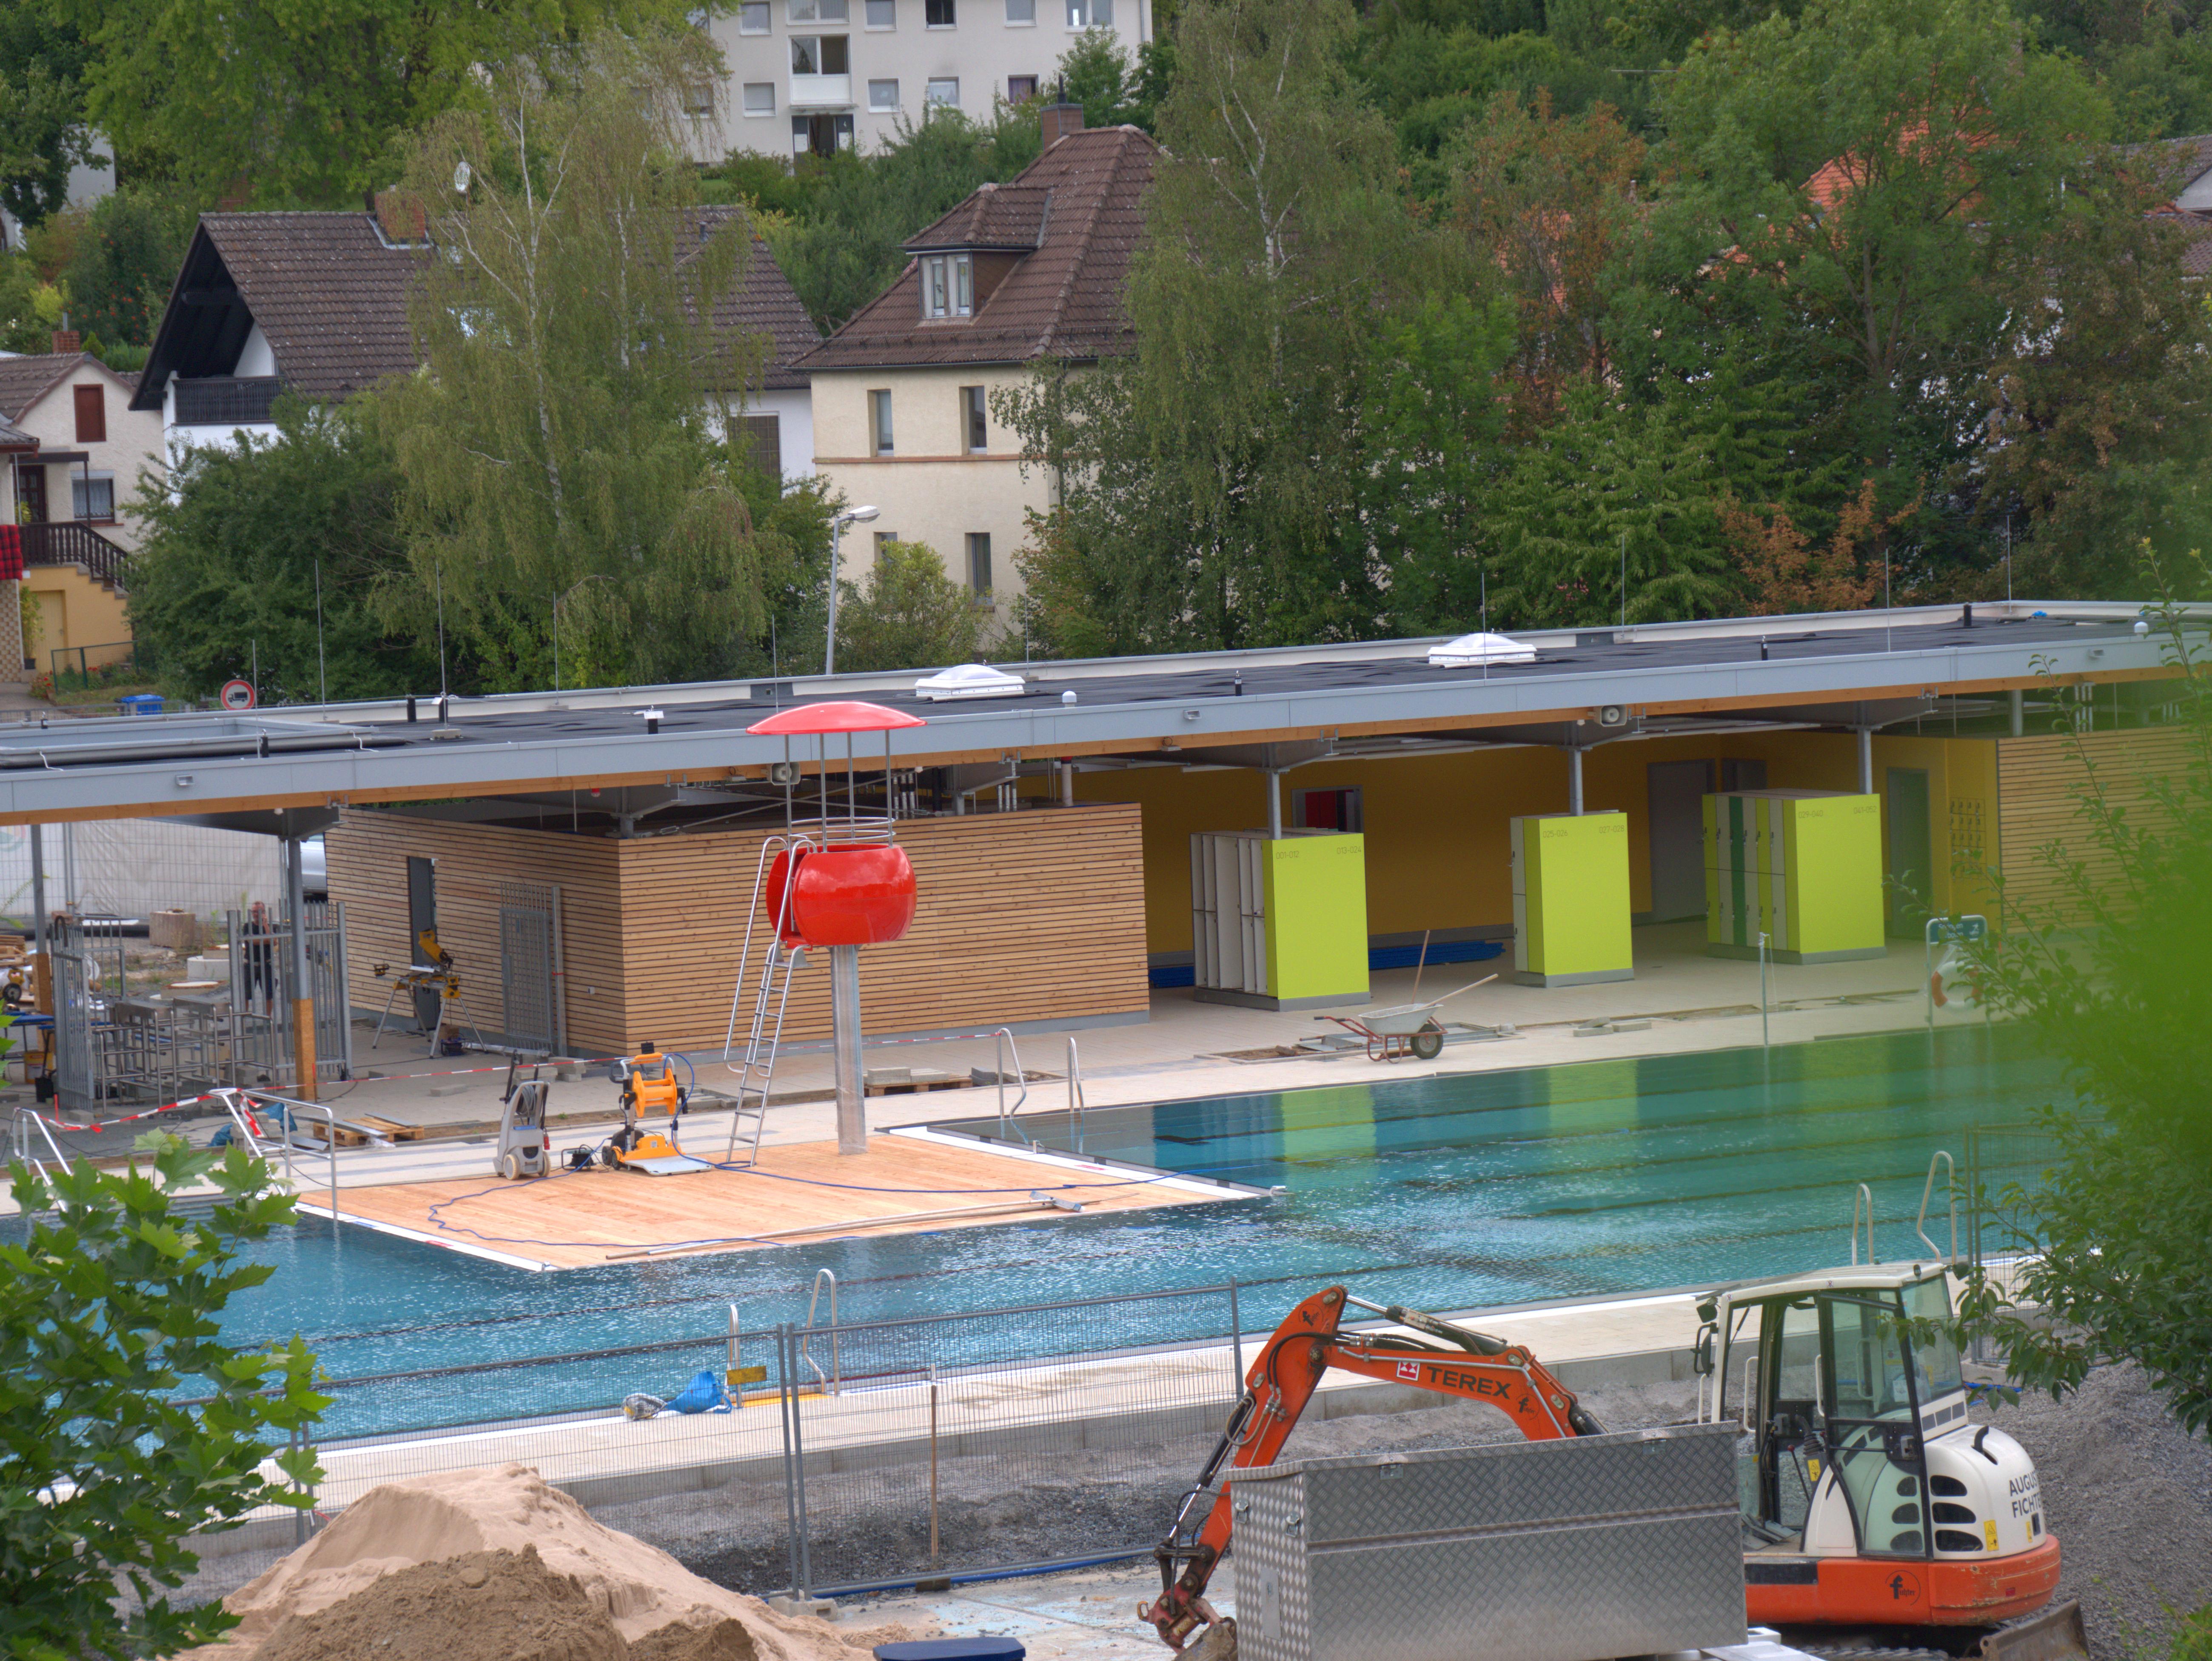 Freibad Ober-Ramstadt